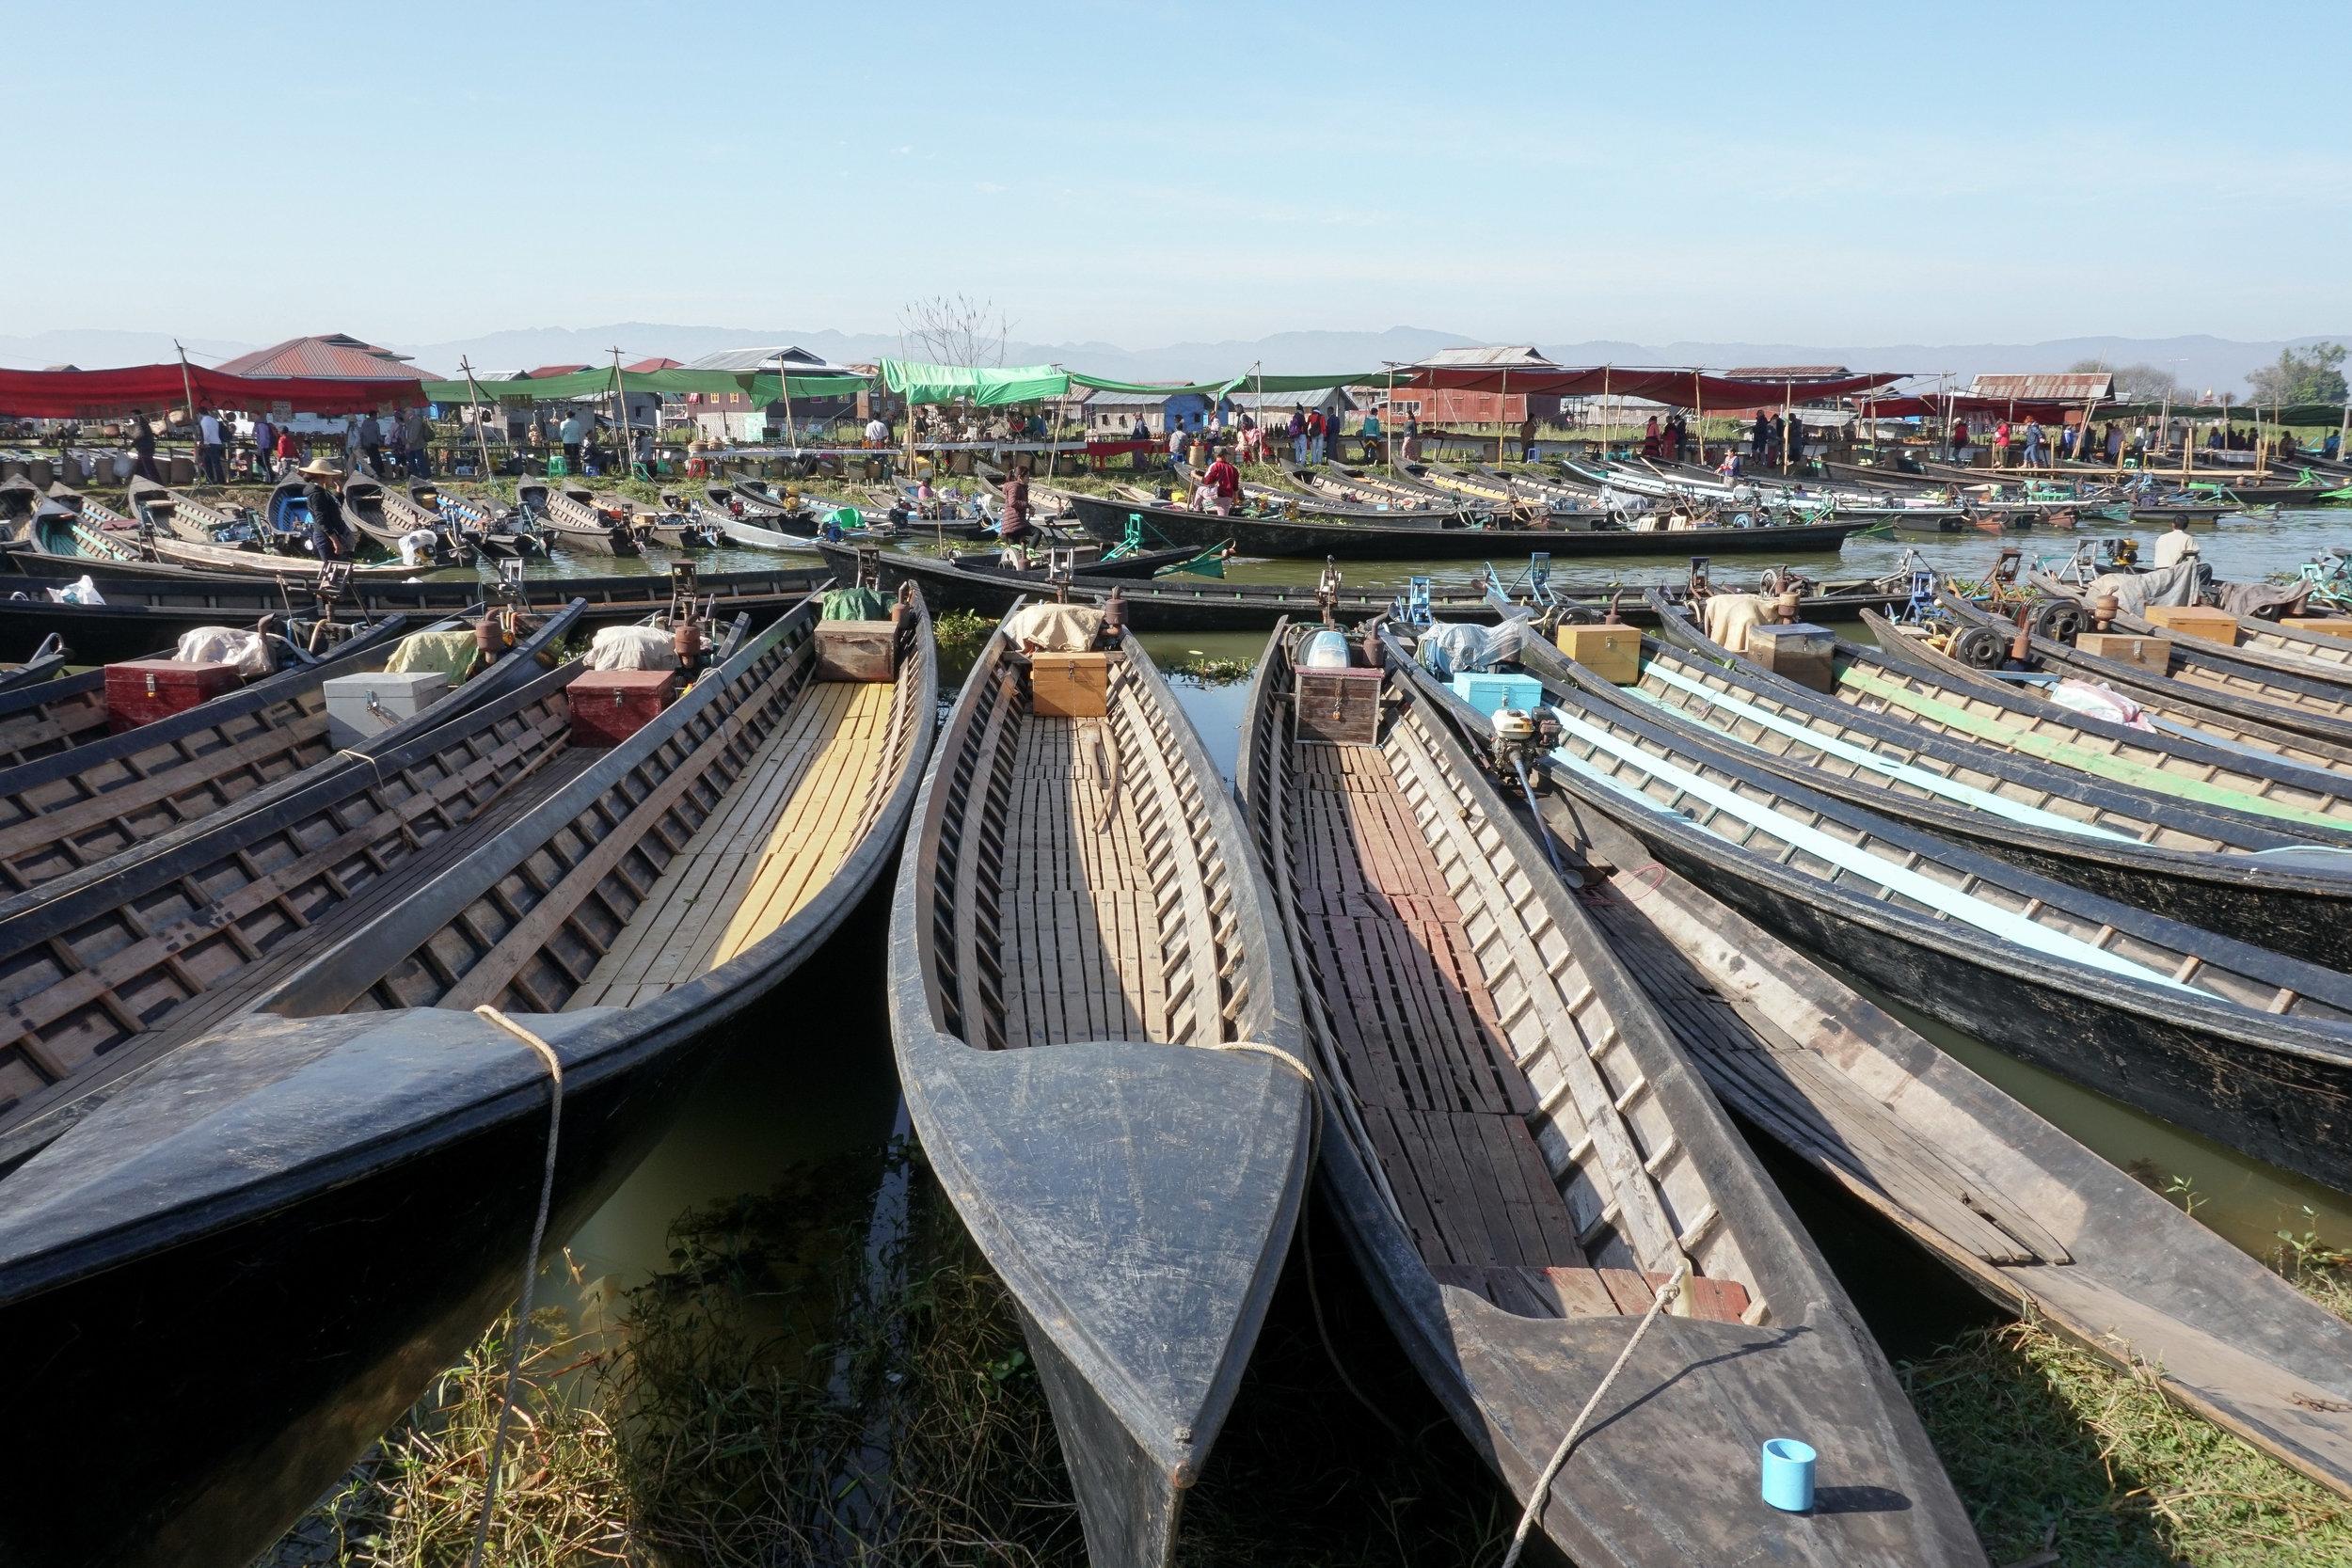 curio.trips.myanmar.inle.lake.market.boats.landscape.jpg